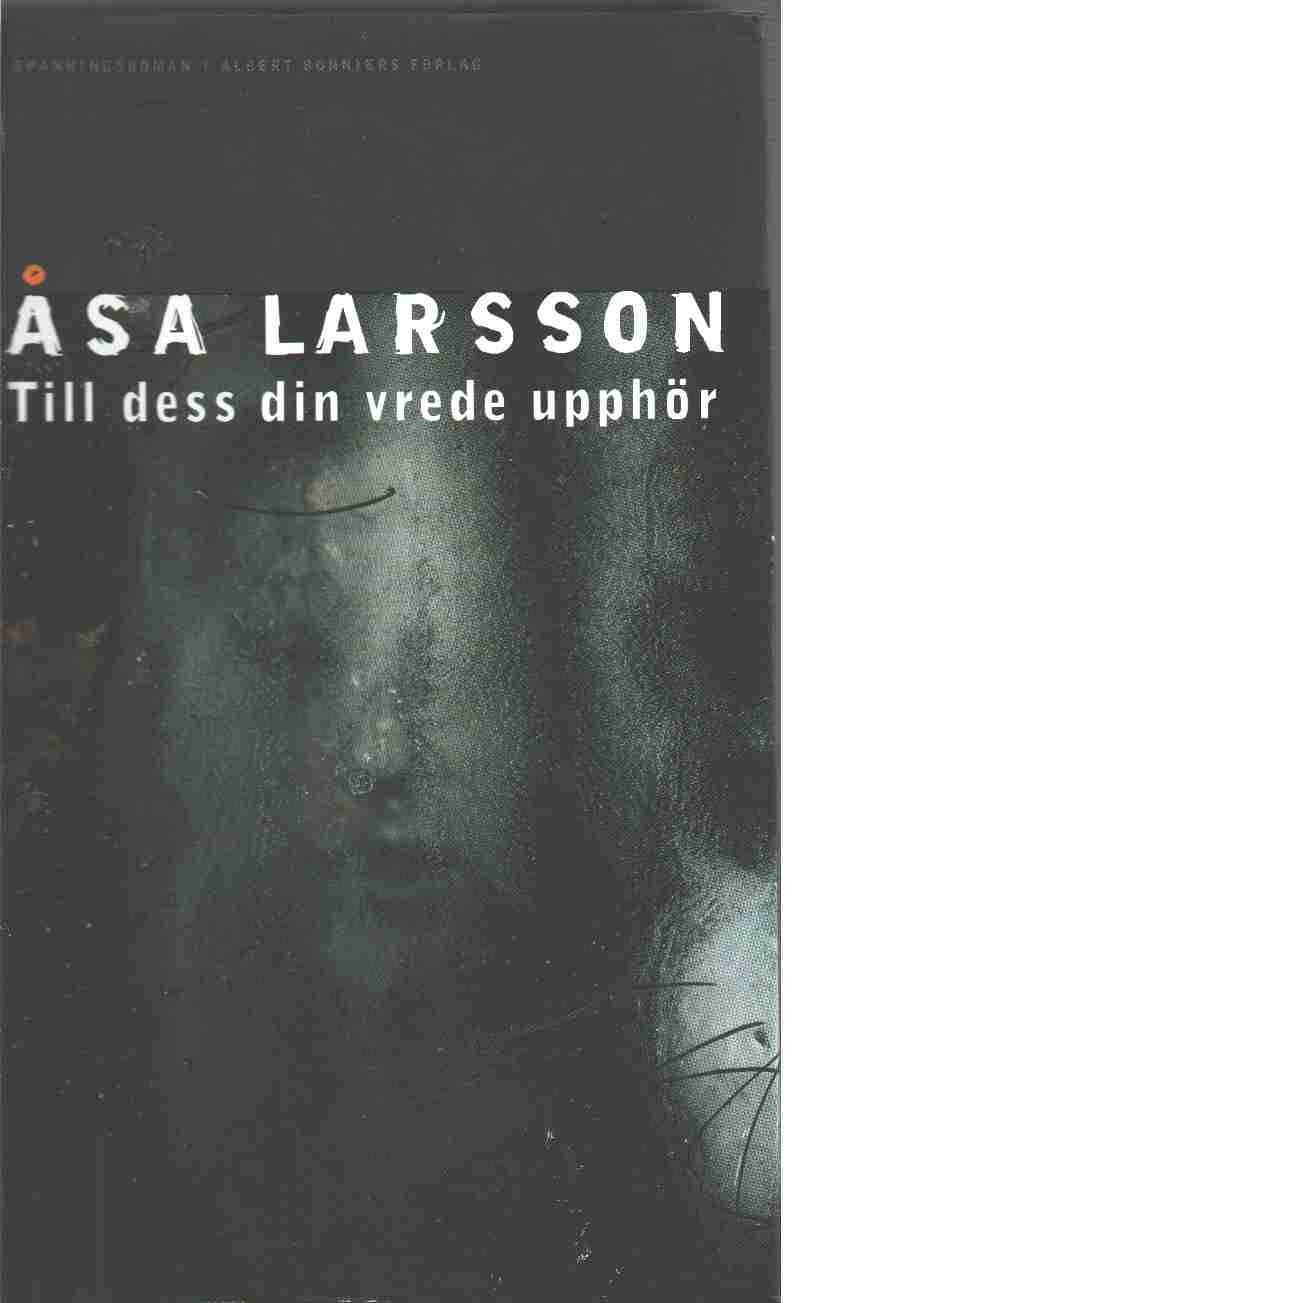 Till dess din vrede upphör - Larsson, Åsa